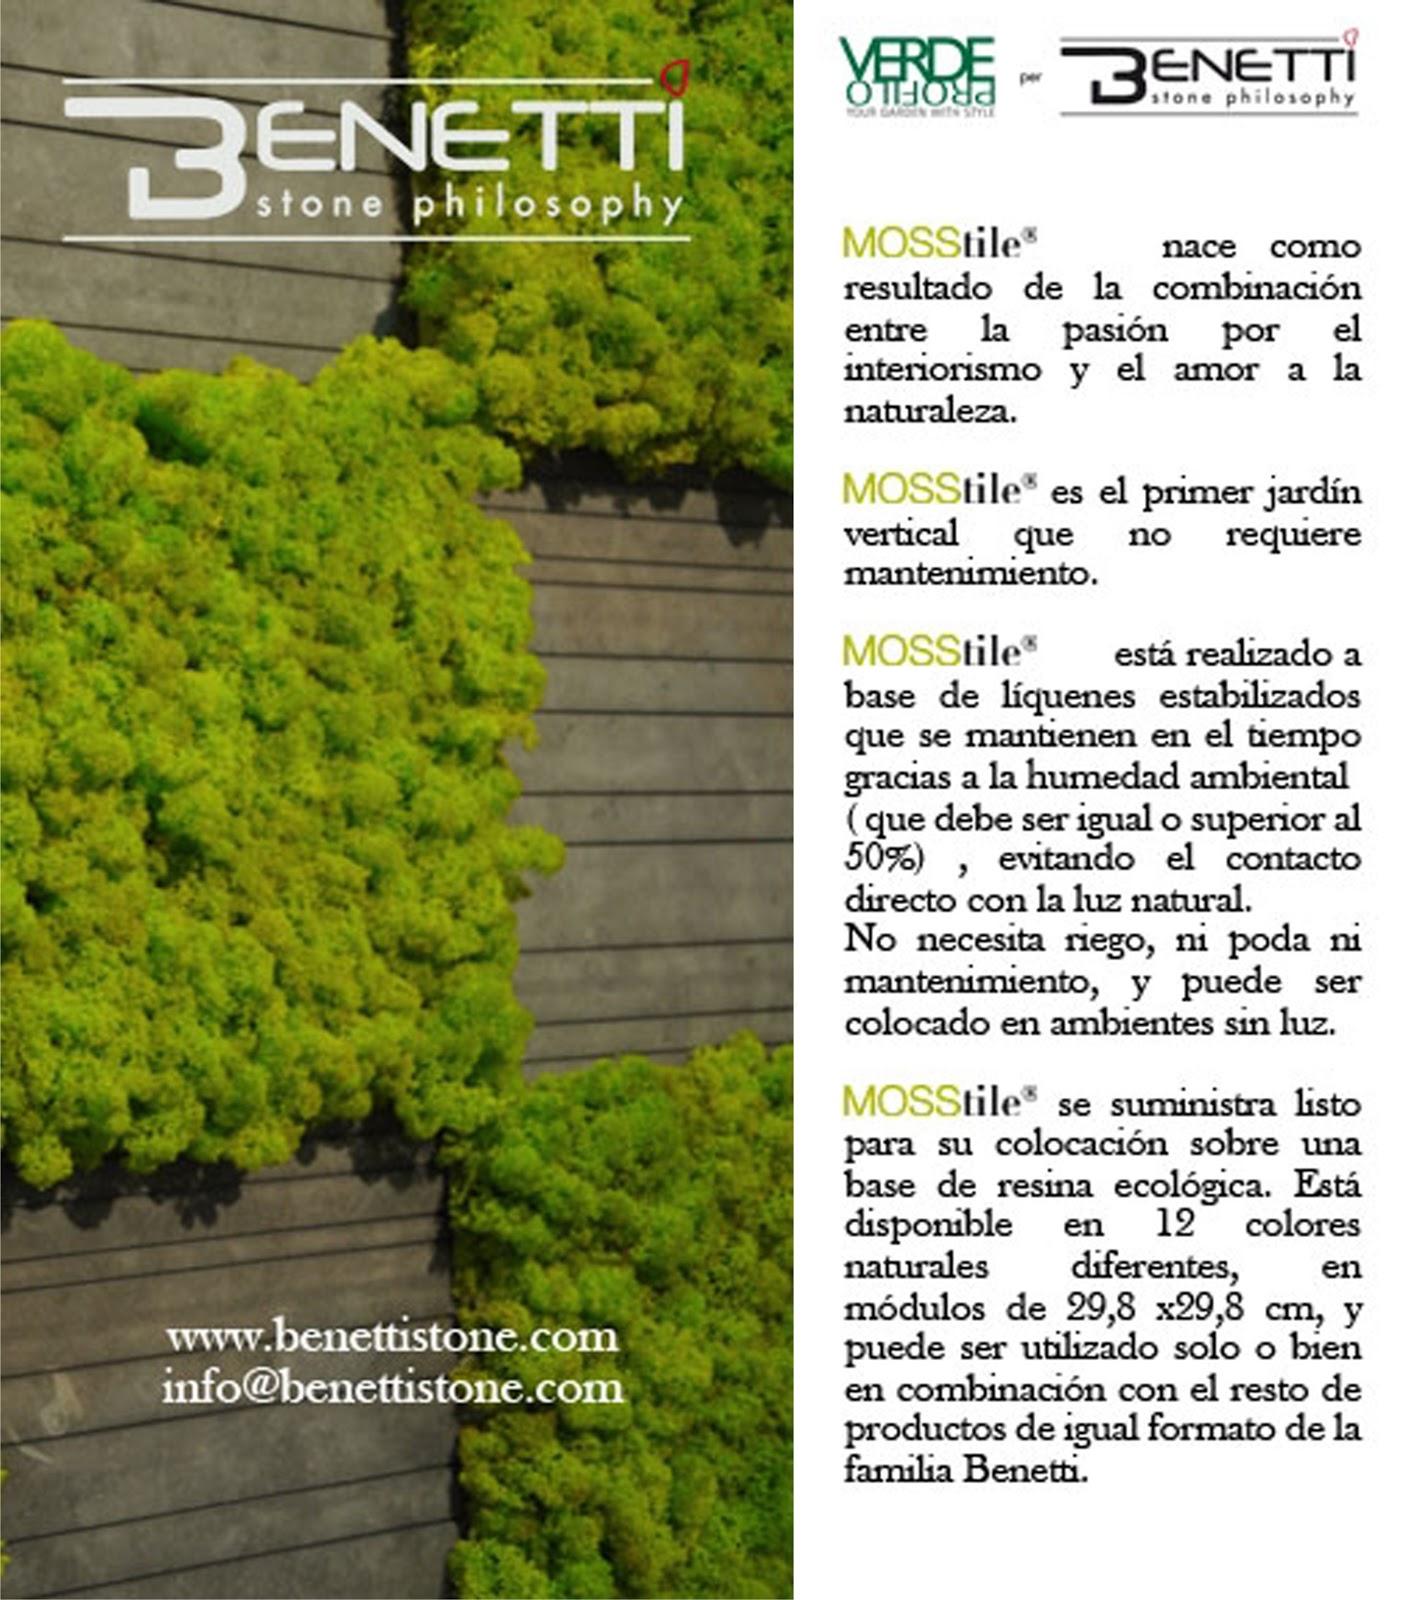 Arquiempresas mosstile jardin vertical sin mantenimiento - Jardin sin mantenimiento ...